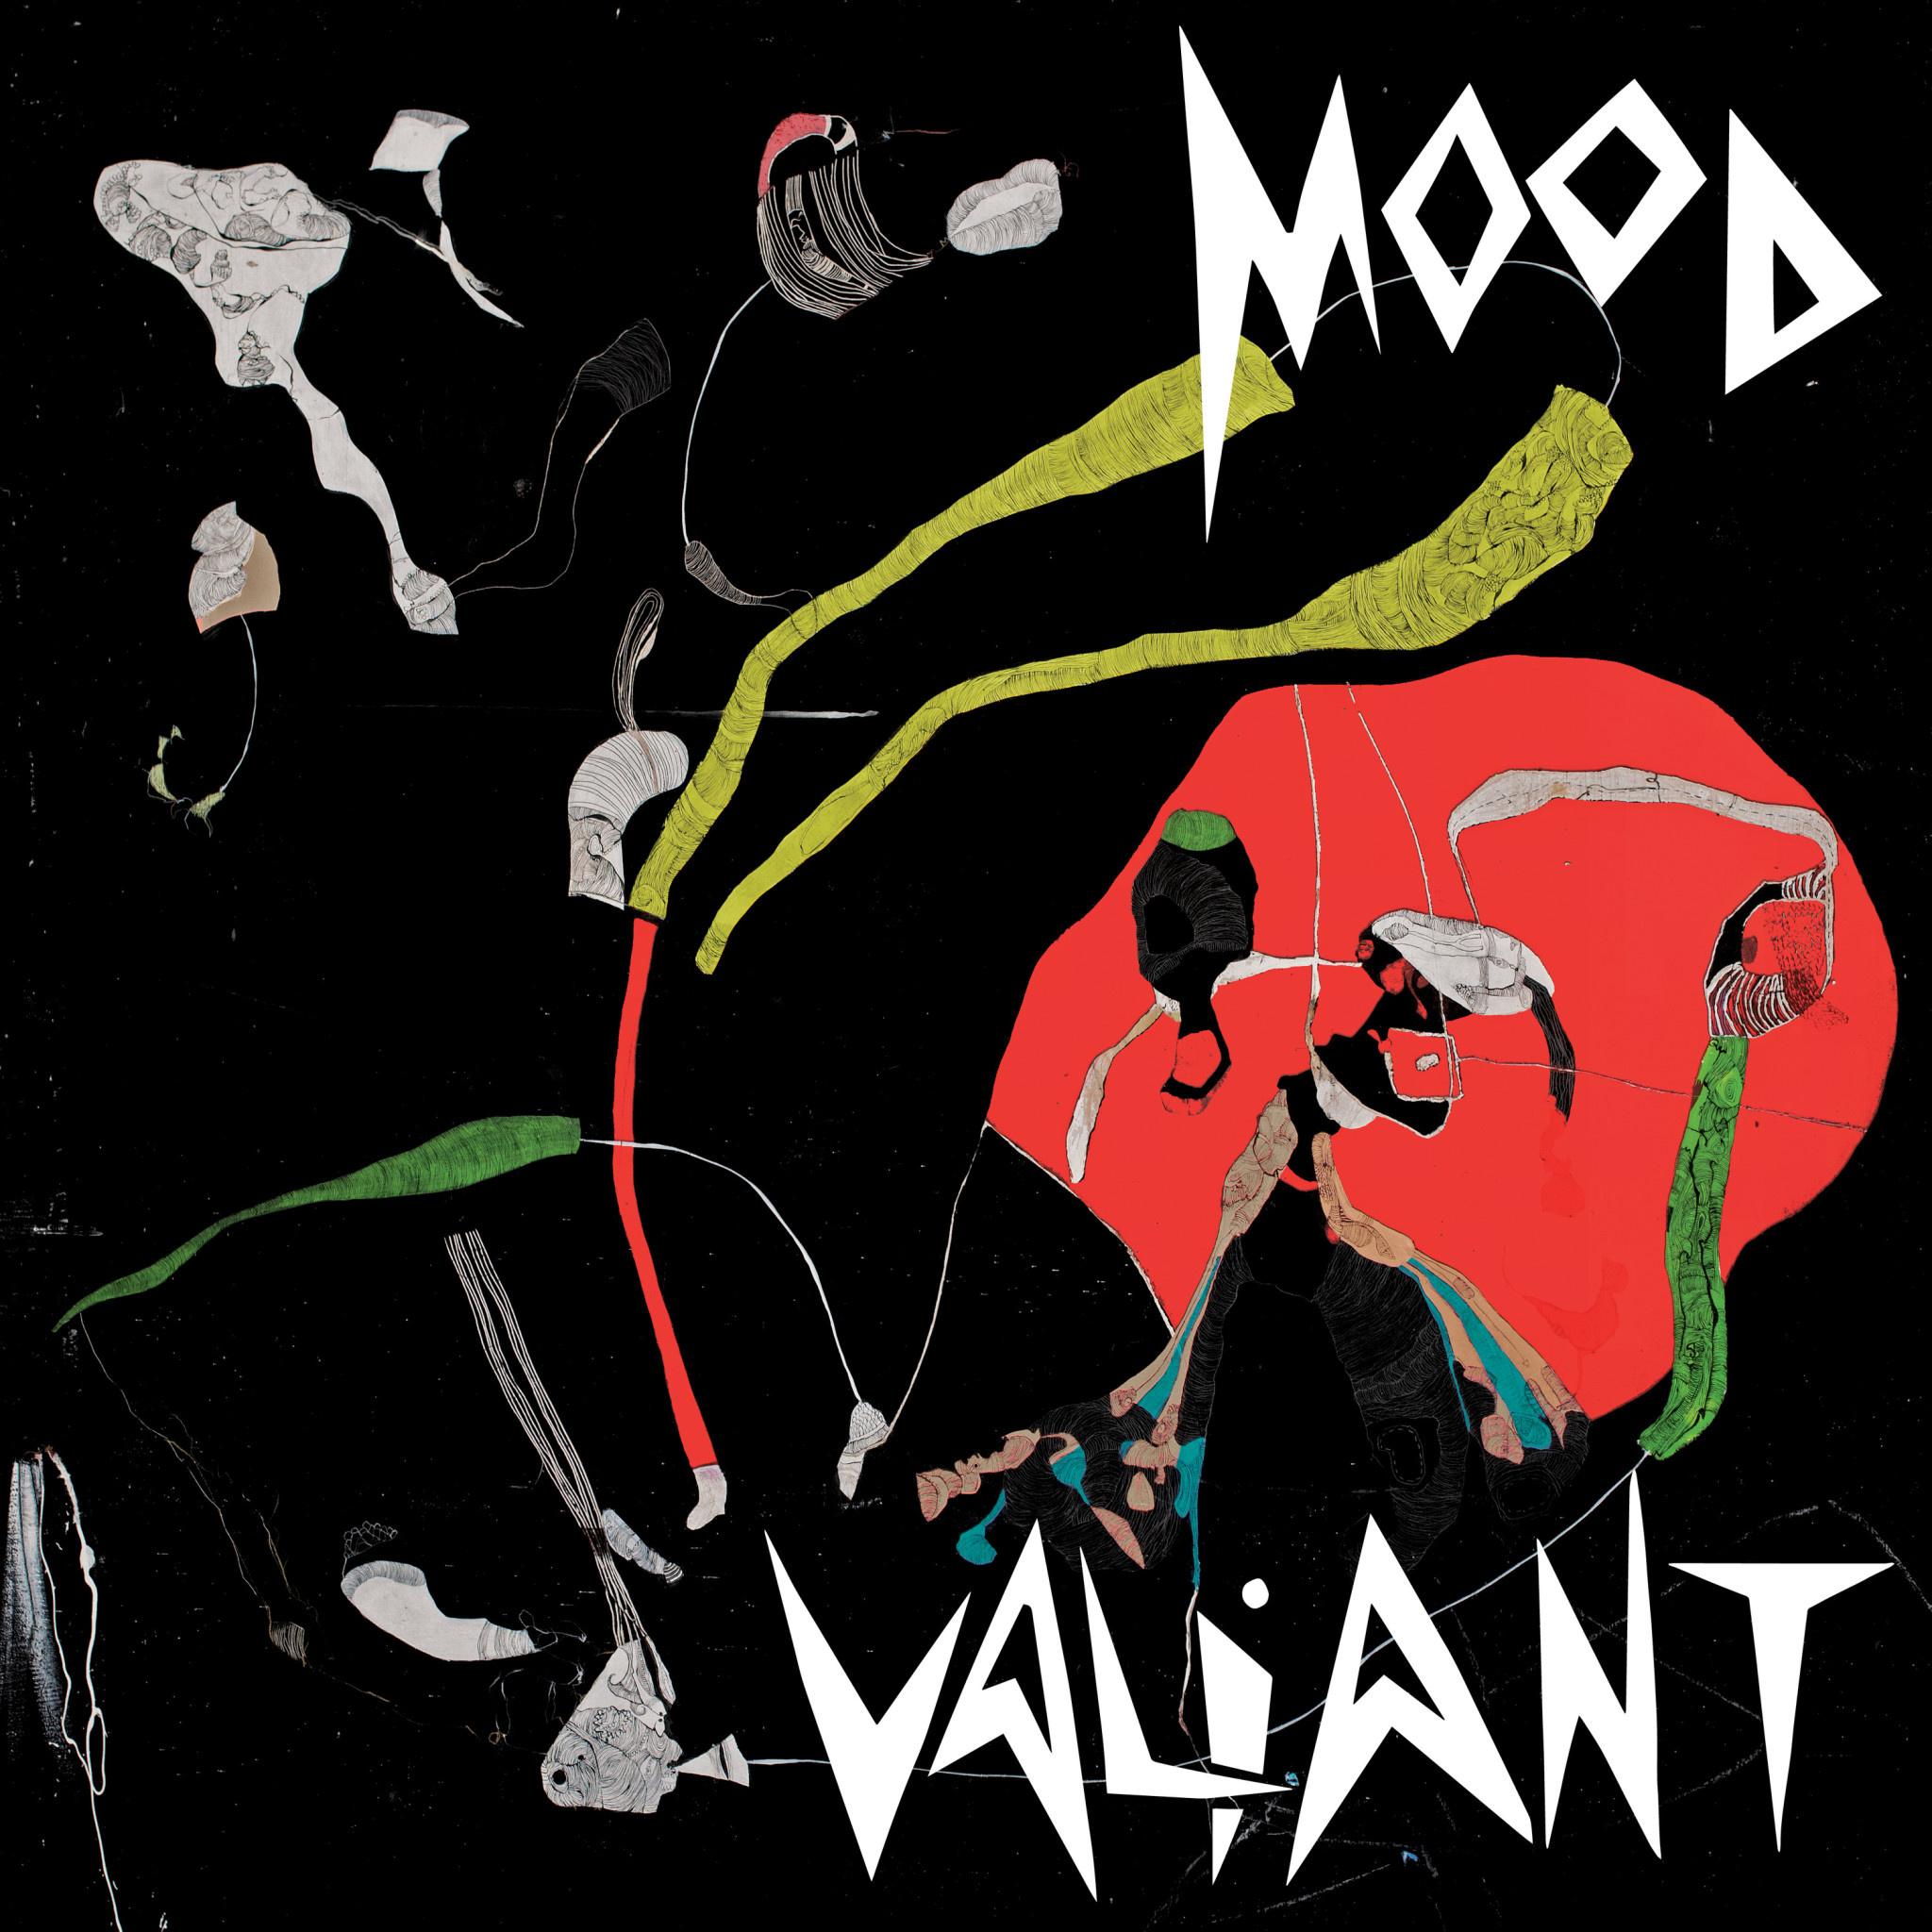 Brainfeeder Hiatus Kaiyote - Mood Valiant